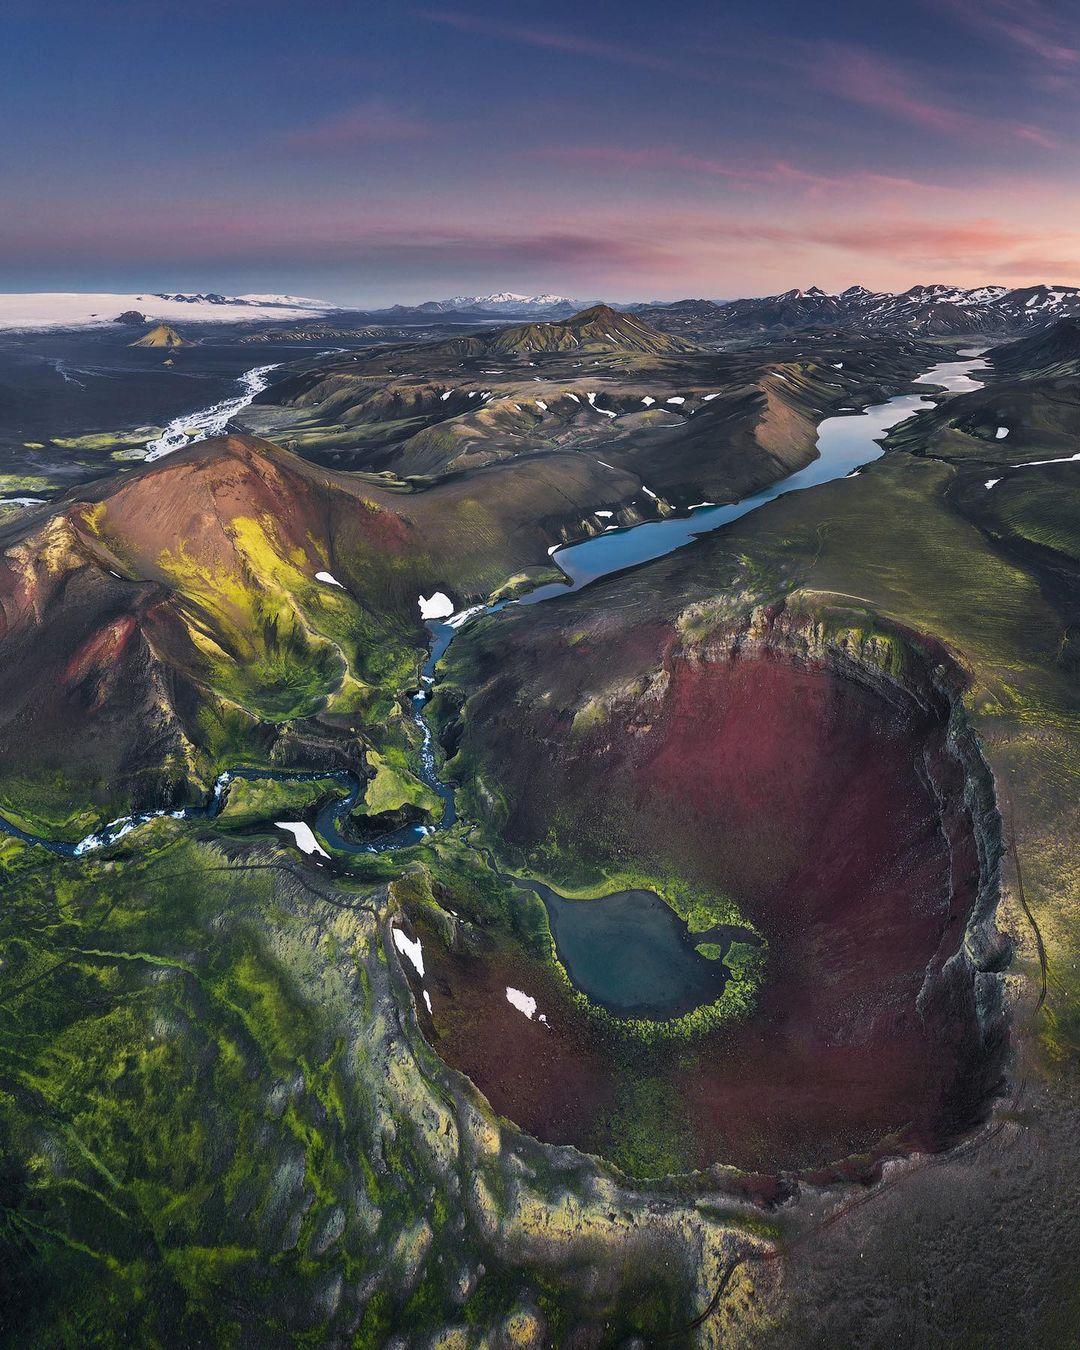 Многоликая и необычная планета в объективе тревел-фотографа Юрие Белегурски пейзажи,планета,тревел-фото